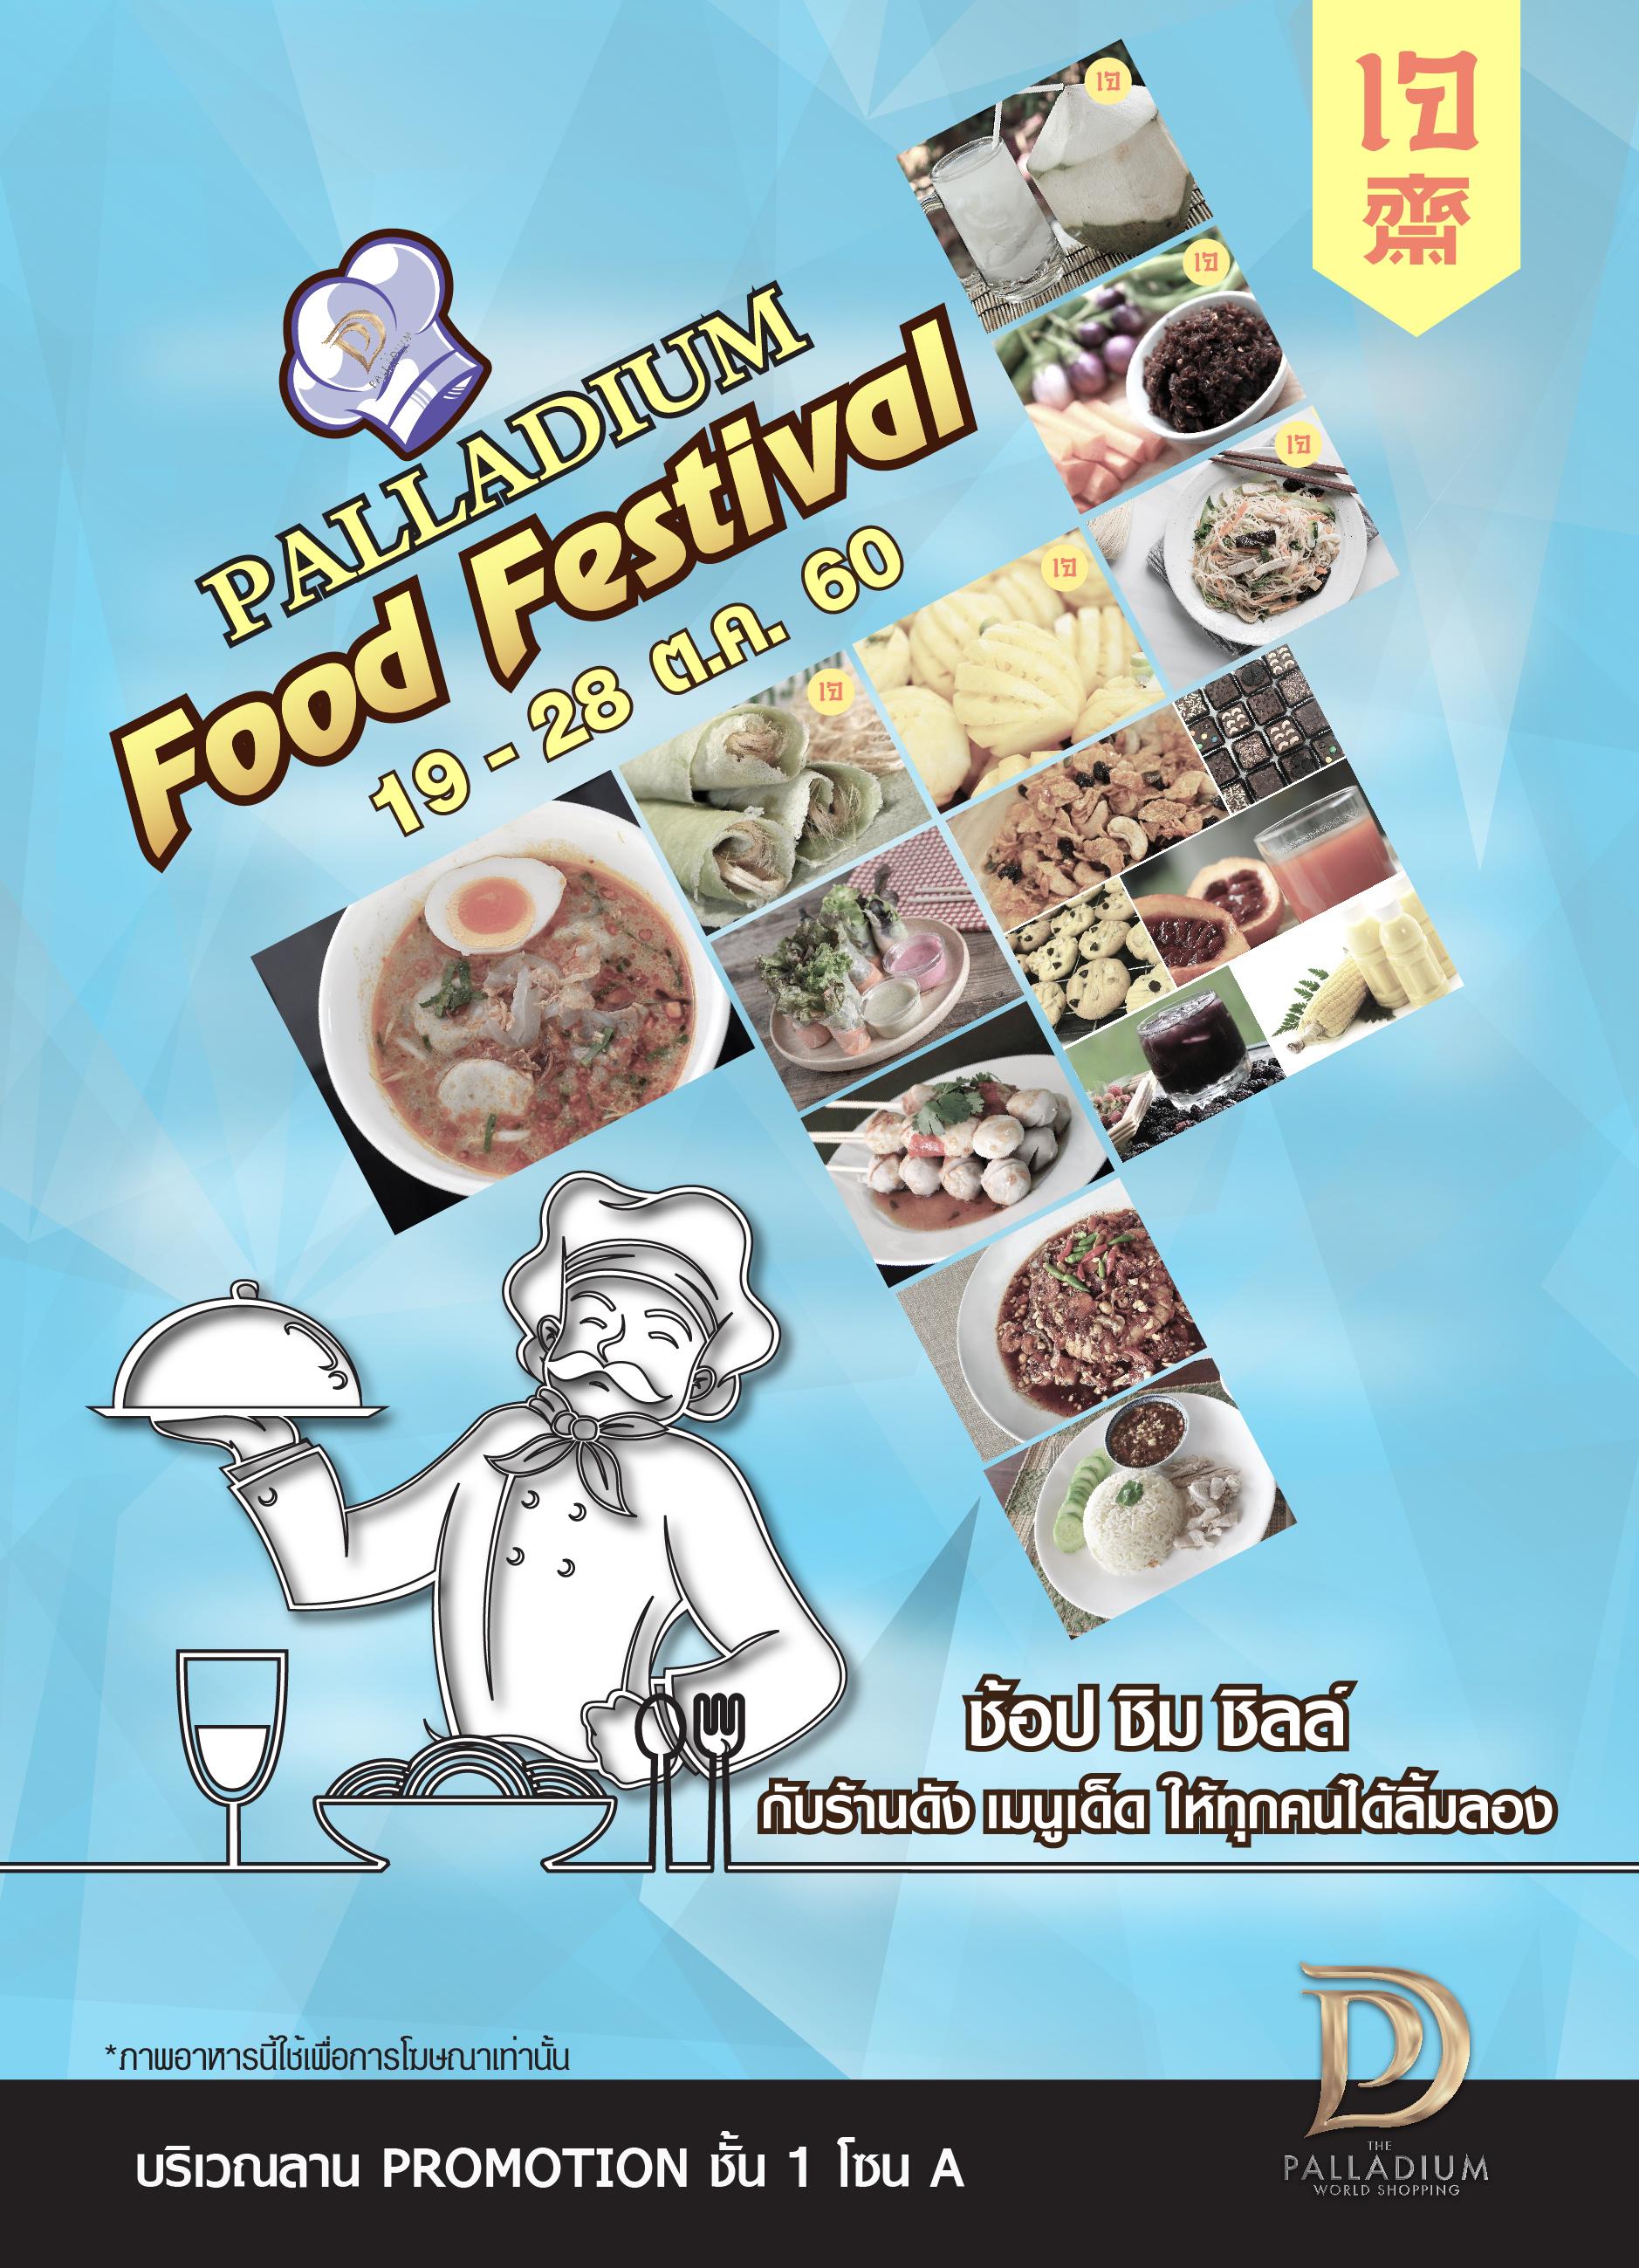 ช้อป ชิม ชิลล์ กับร้านดัง เมนูเด็ด ในงาน Palladium Food Festival  พบกับอาหารคาว หวานหลากหลายเมนูกว่า 20 ร้านค้า ละลานตา กับสุดยอดอาหารชื่อดัง รับประกันความอร่อย